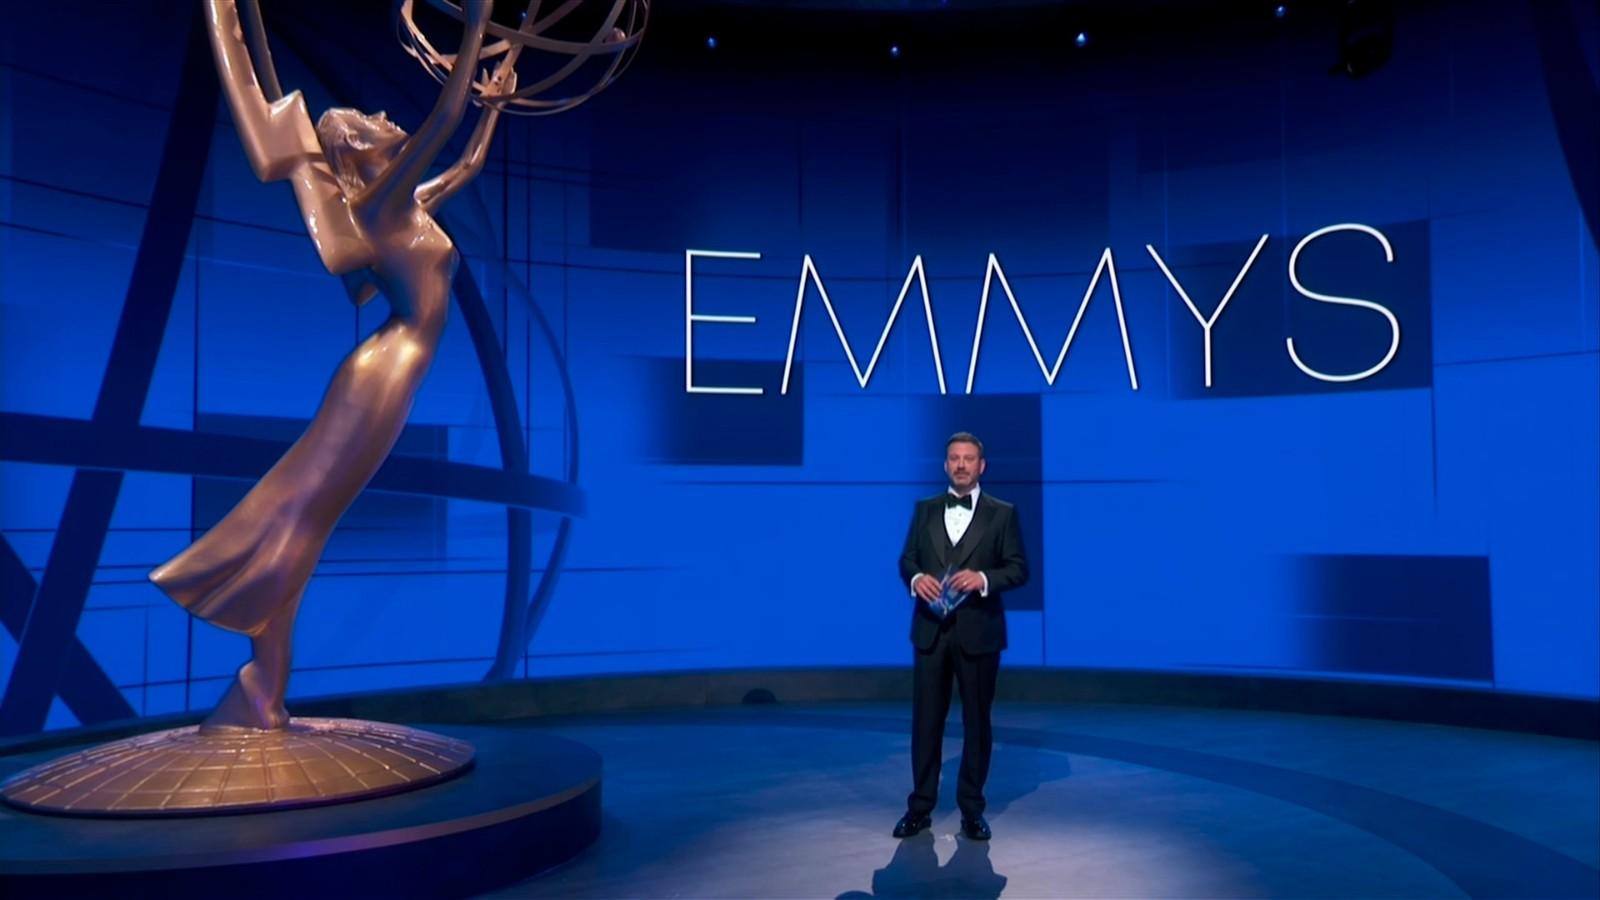 第72届艾美奖颁奖典礼洛杉矶举行 有史以来最惨淡收视_图1-1